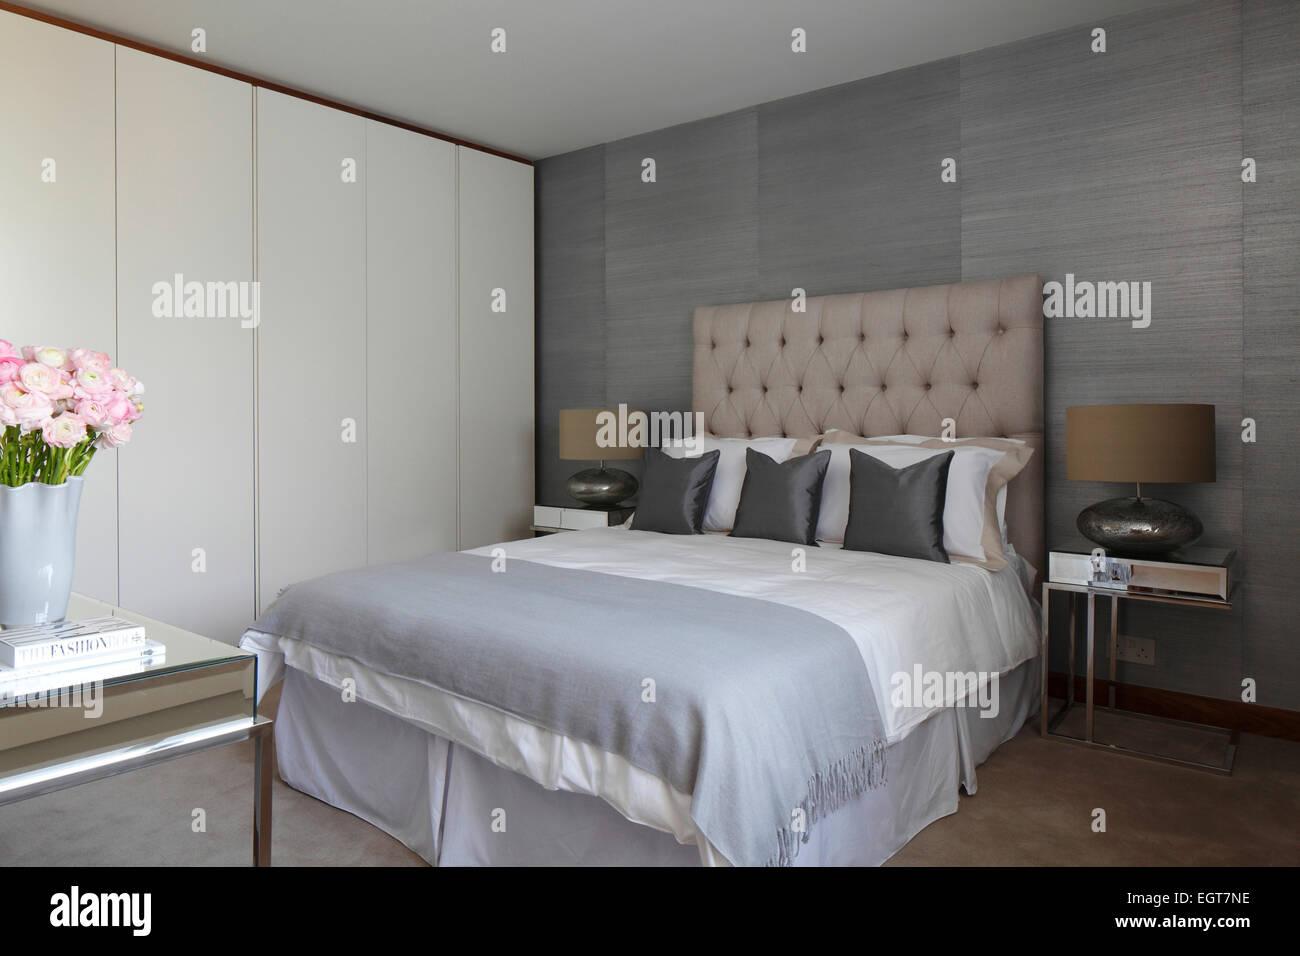 Camera Per Ospiti : Camera per ospiti in un pallido colore blu grigio regime con fiori